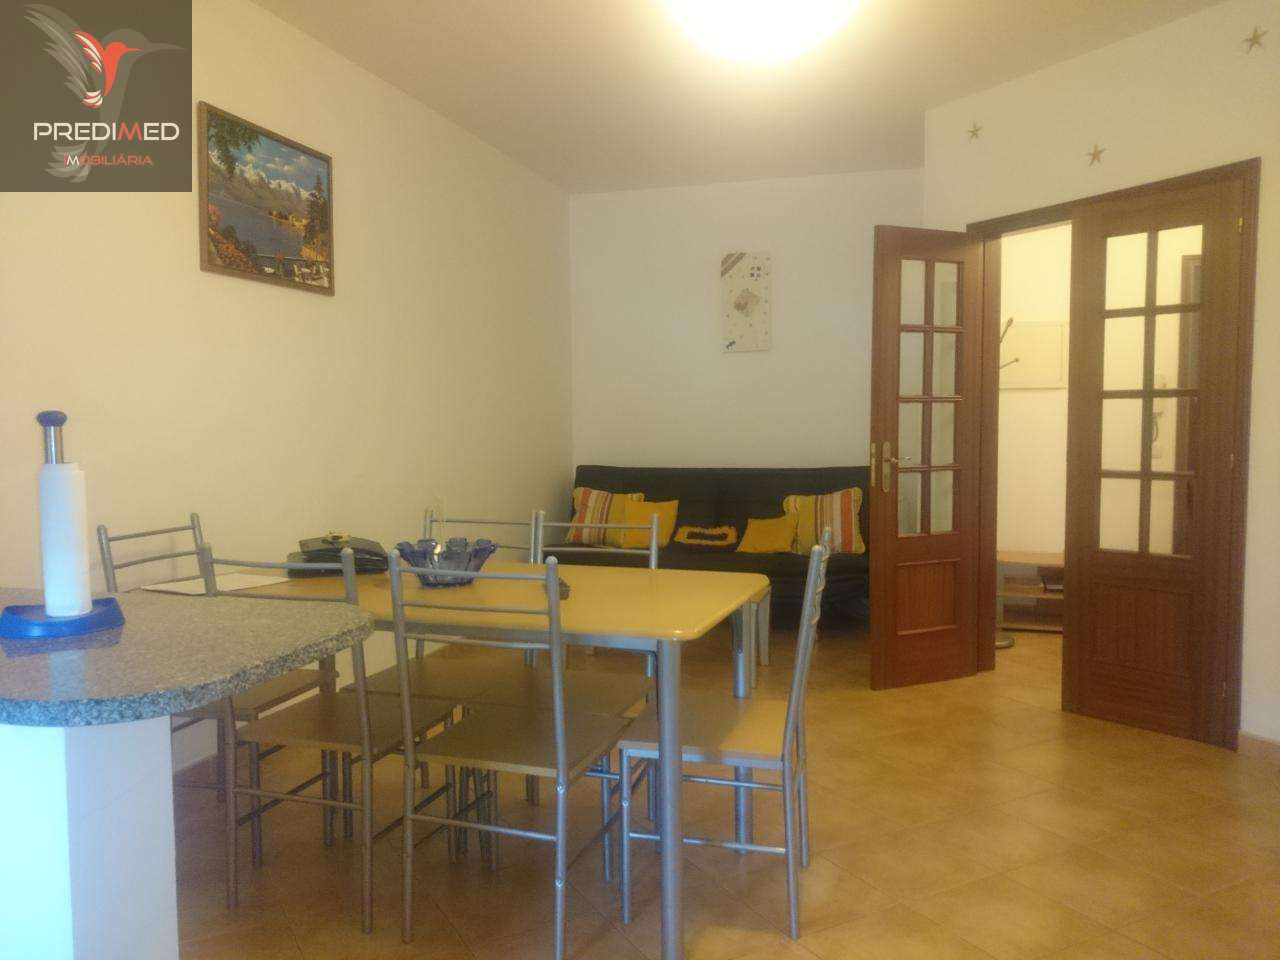 Apartamento para comprar, Portimão, Faro - Foto 4